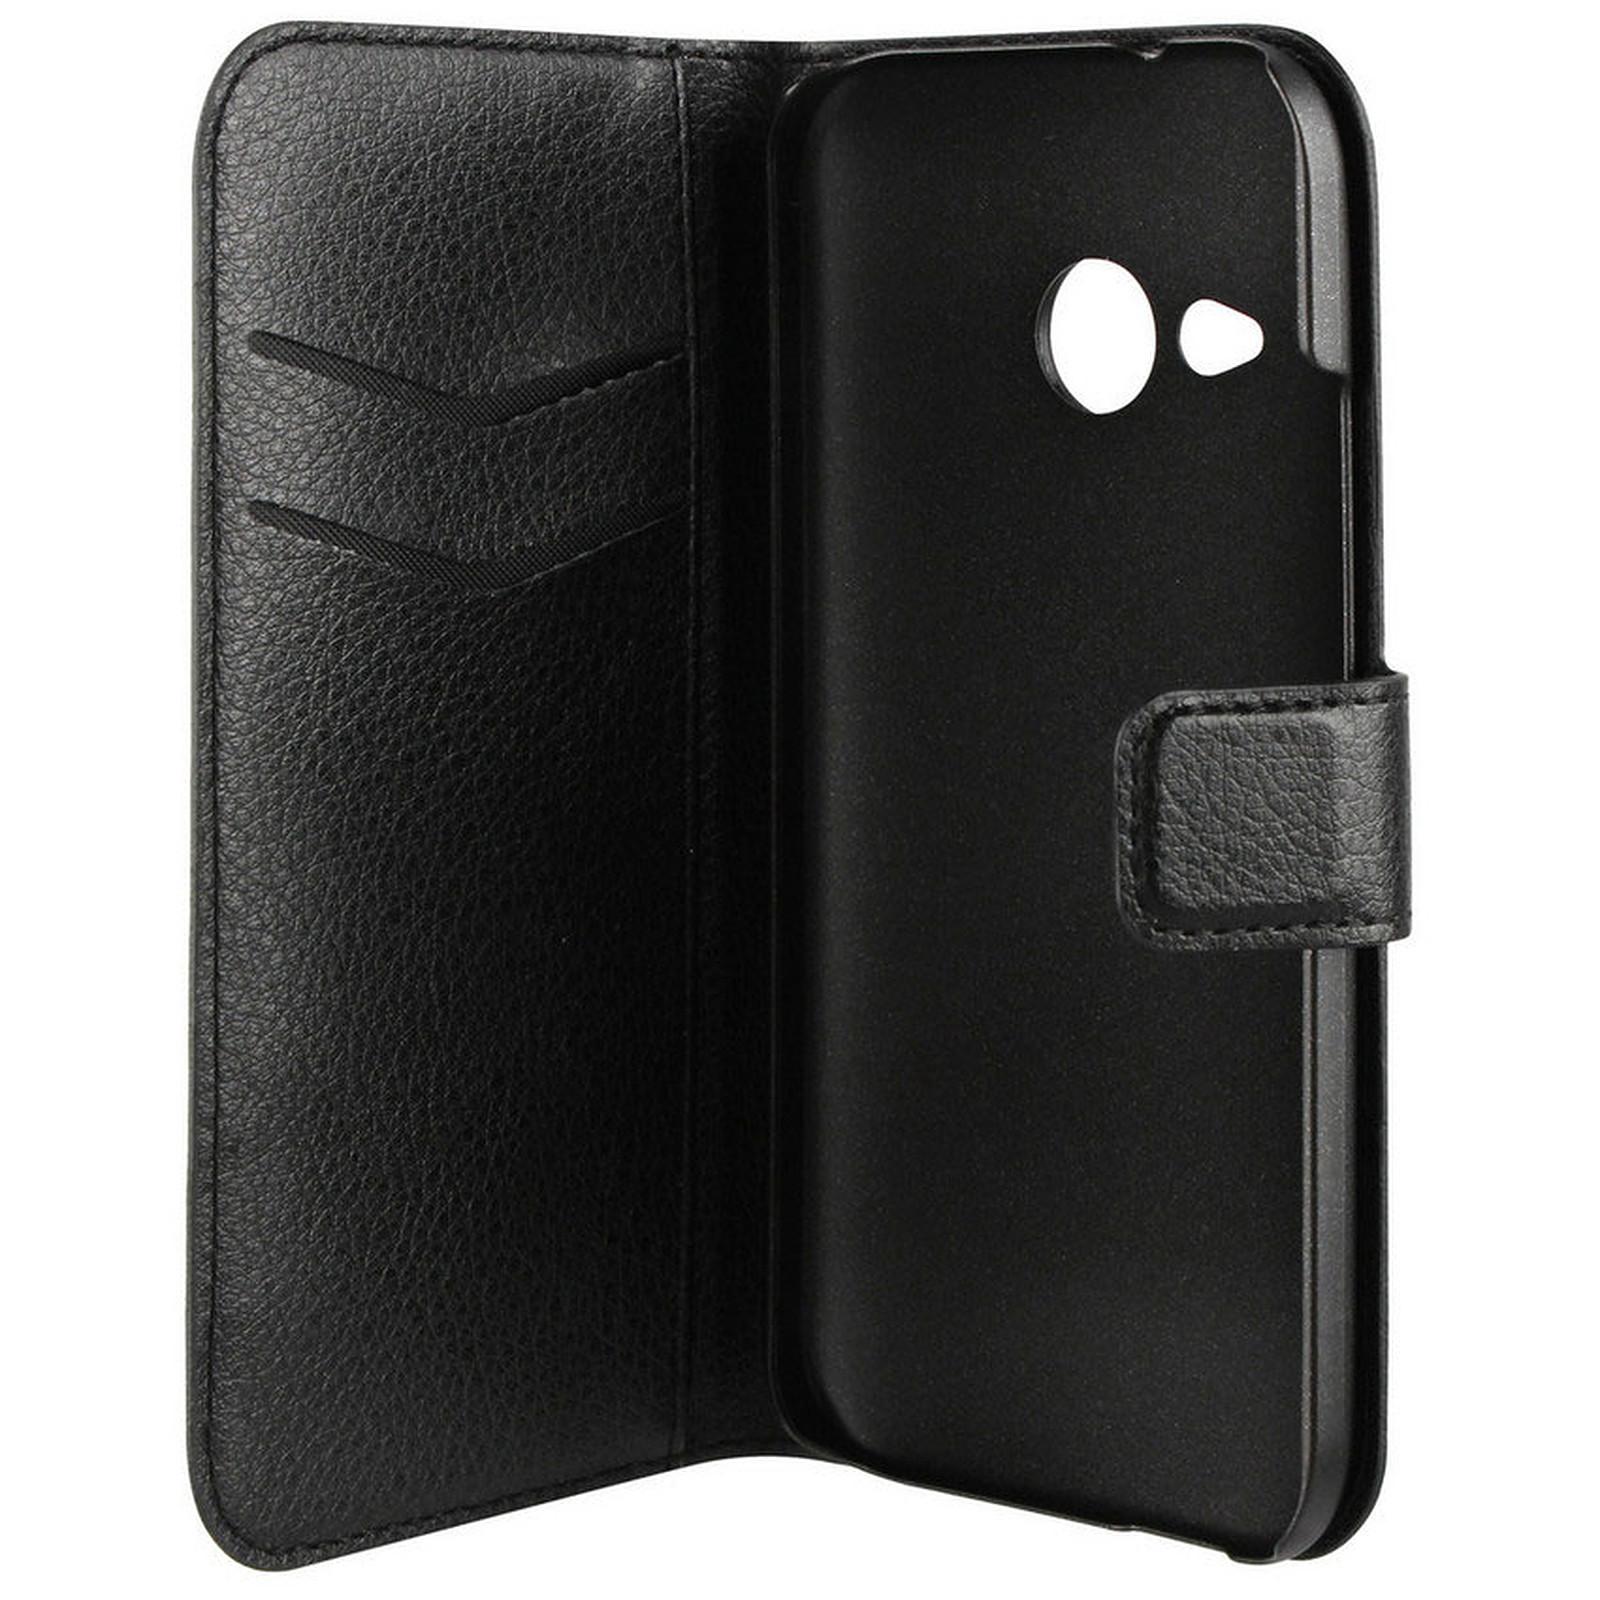 xqisit Etui Wallet Slim Noir pour HTC One M8 mini